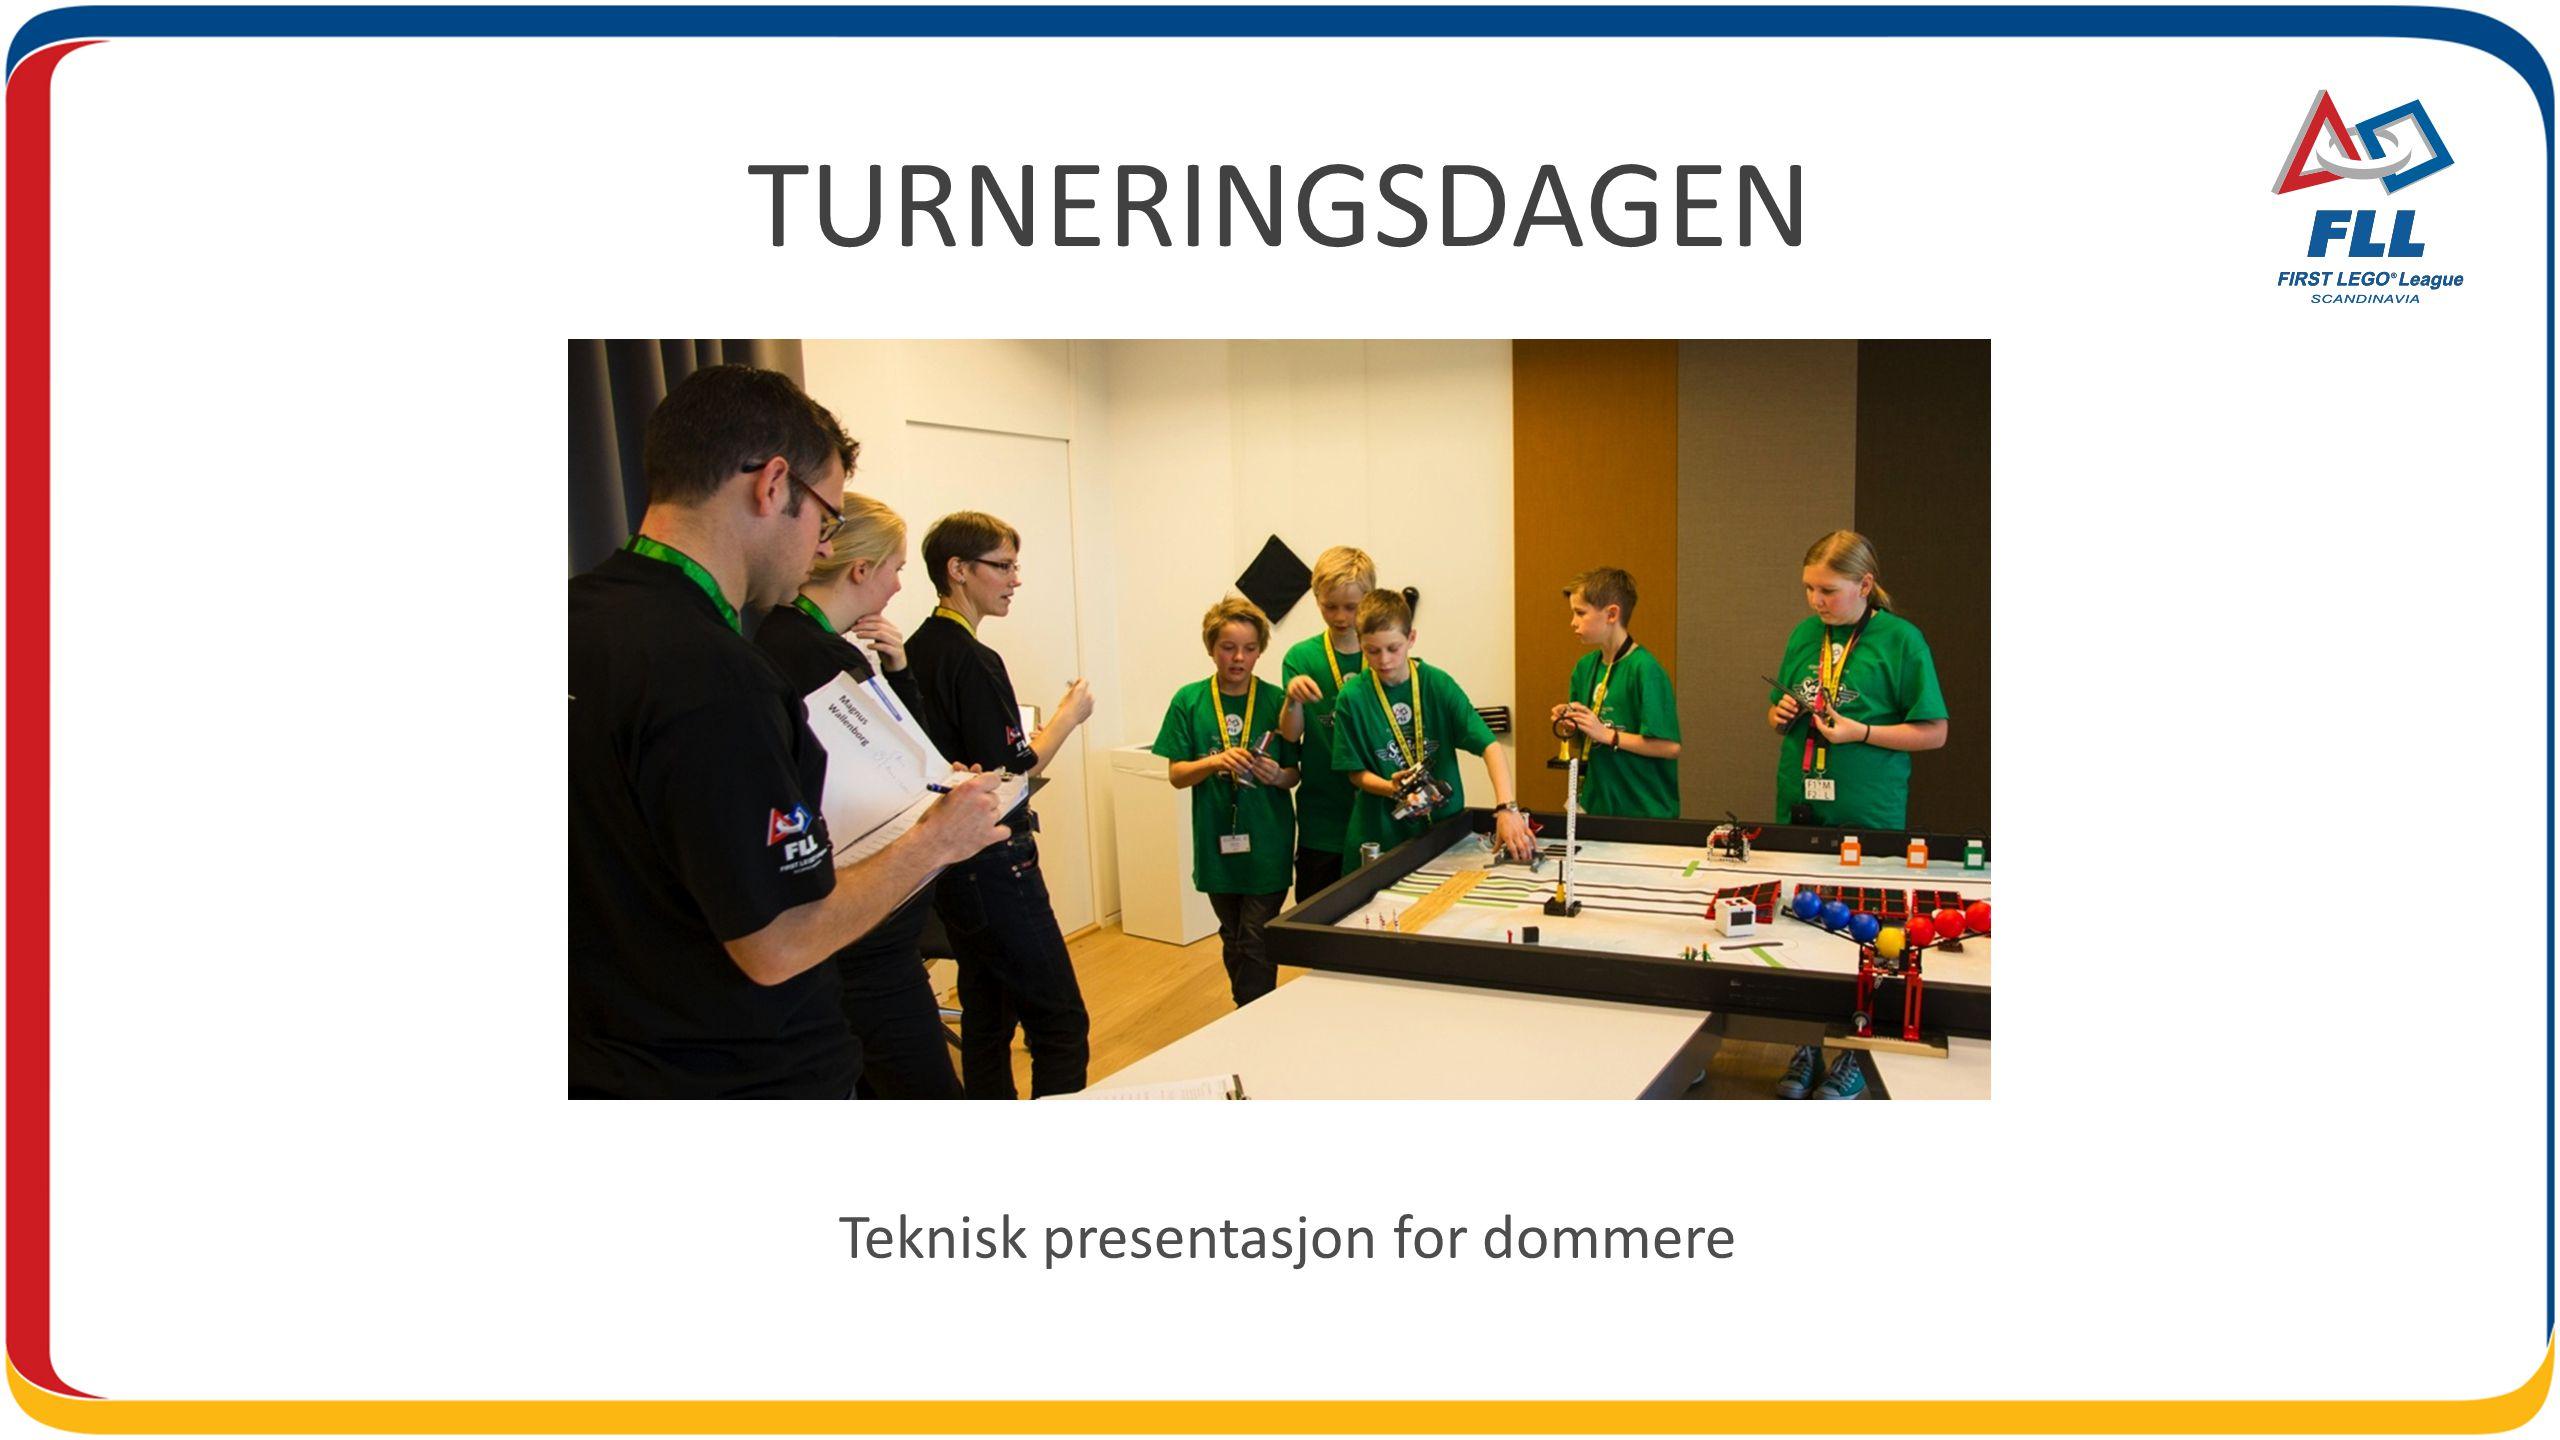 TURNERINGSDAGEN Teknisk presentasjon for dommere